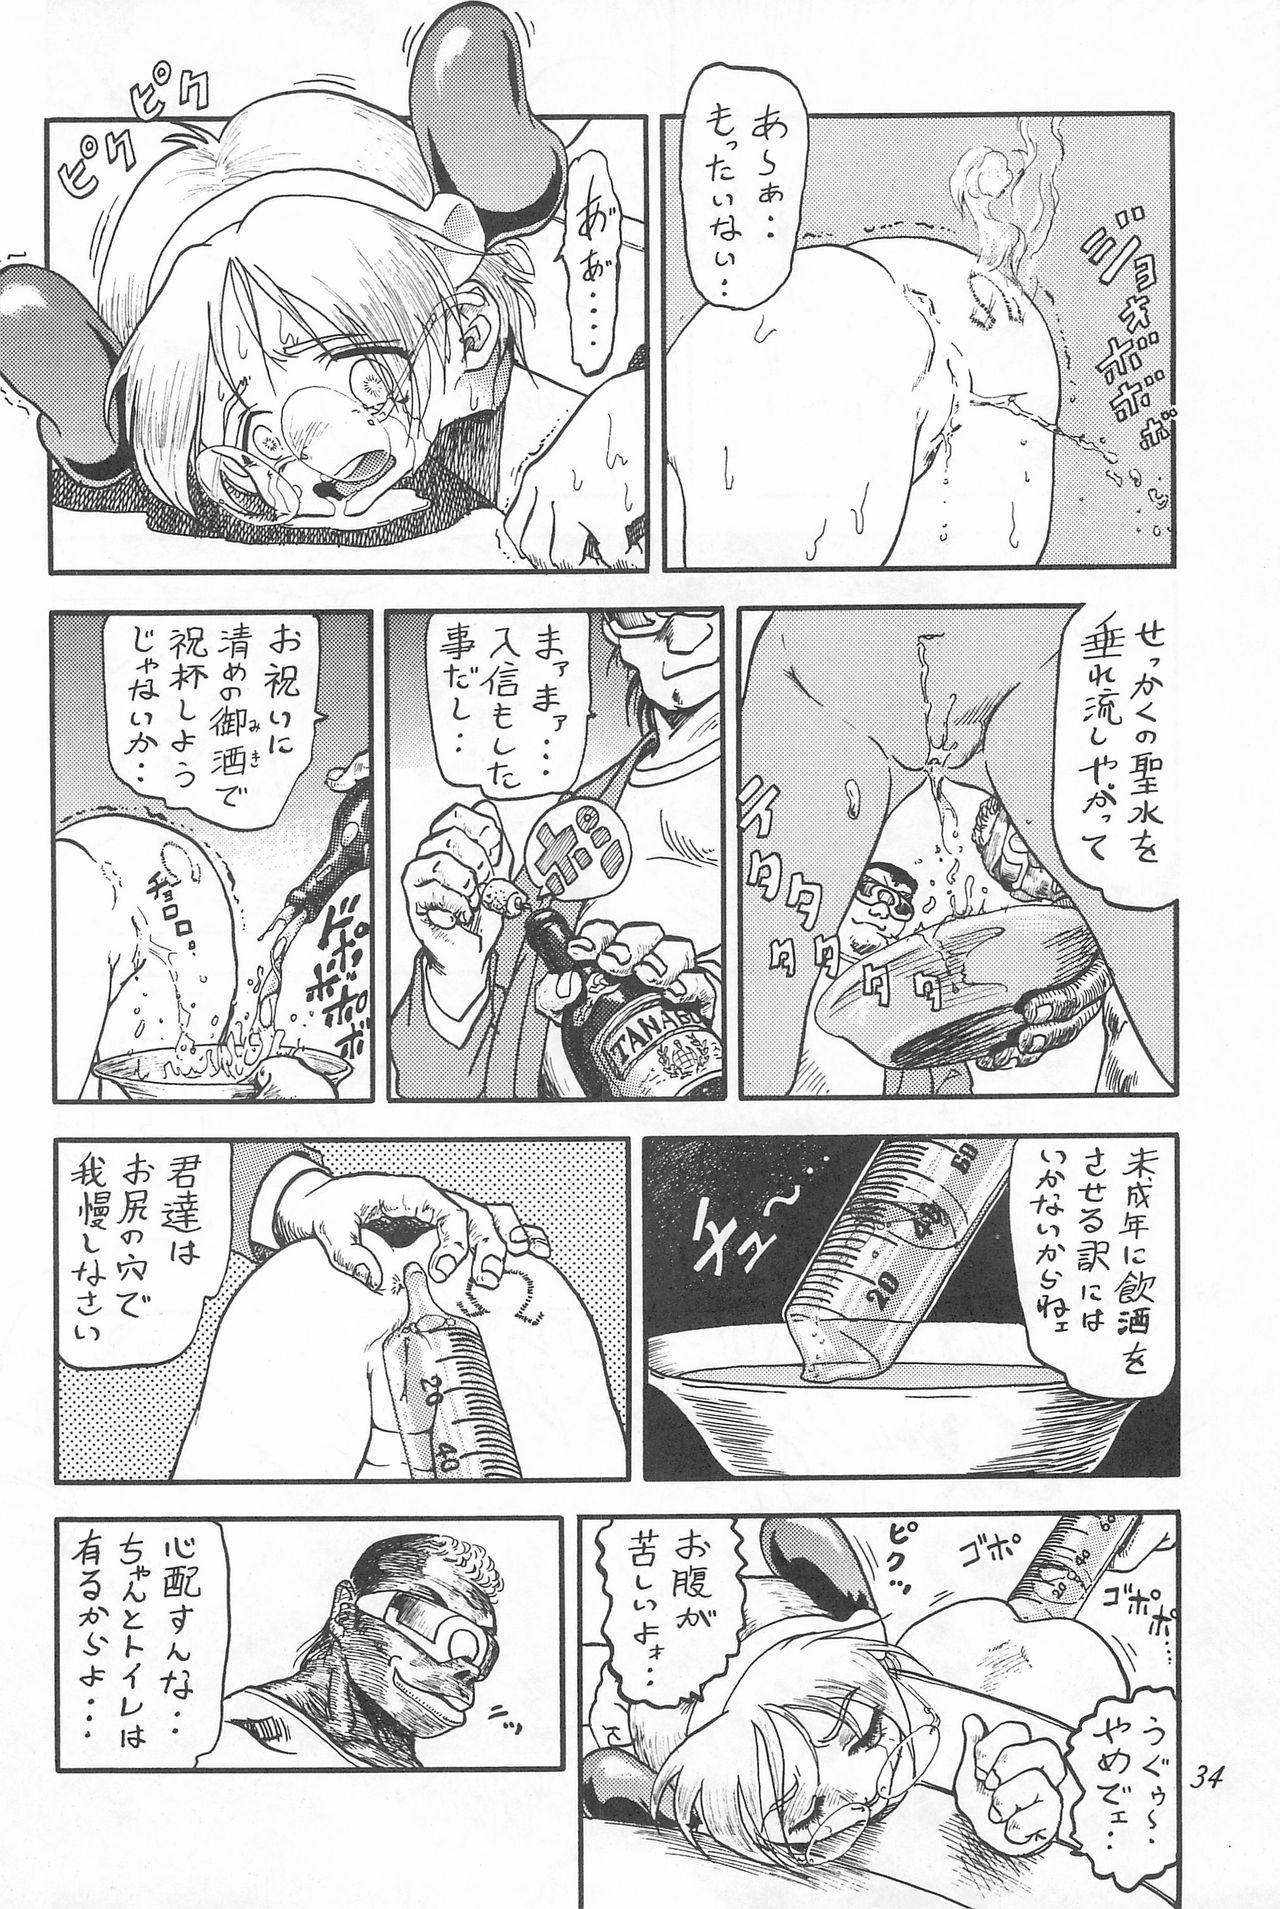 Youseiki Evanlolibon 33